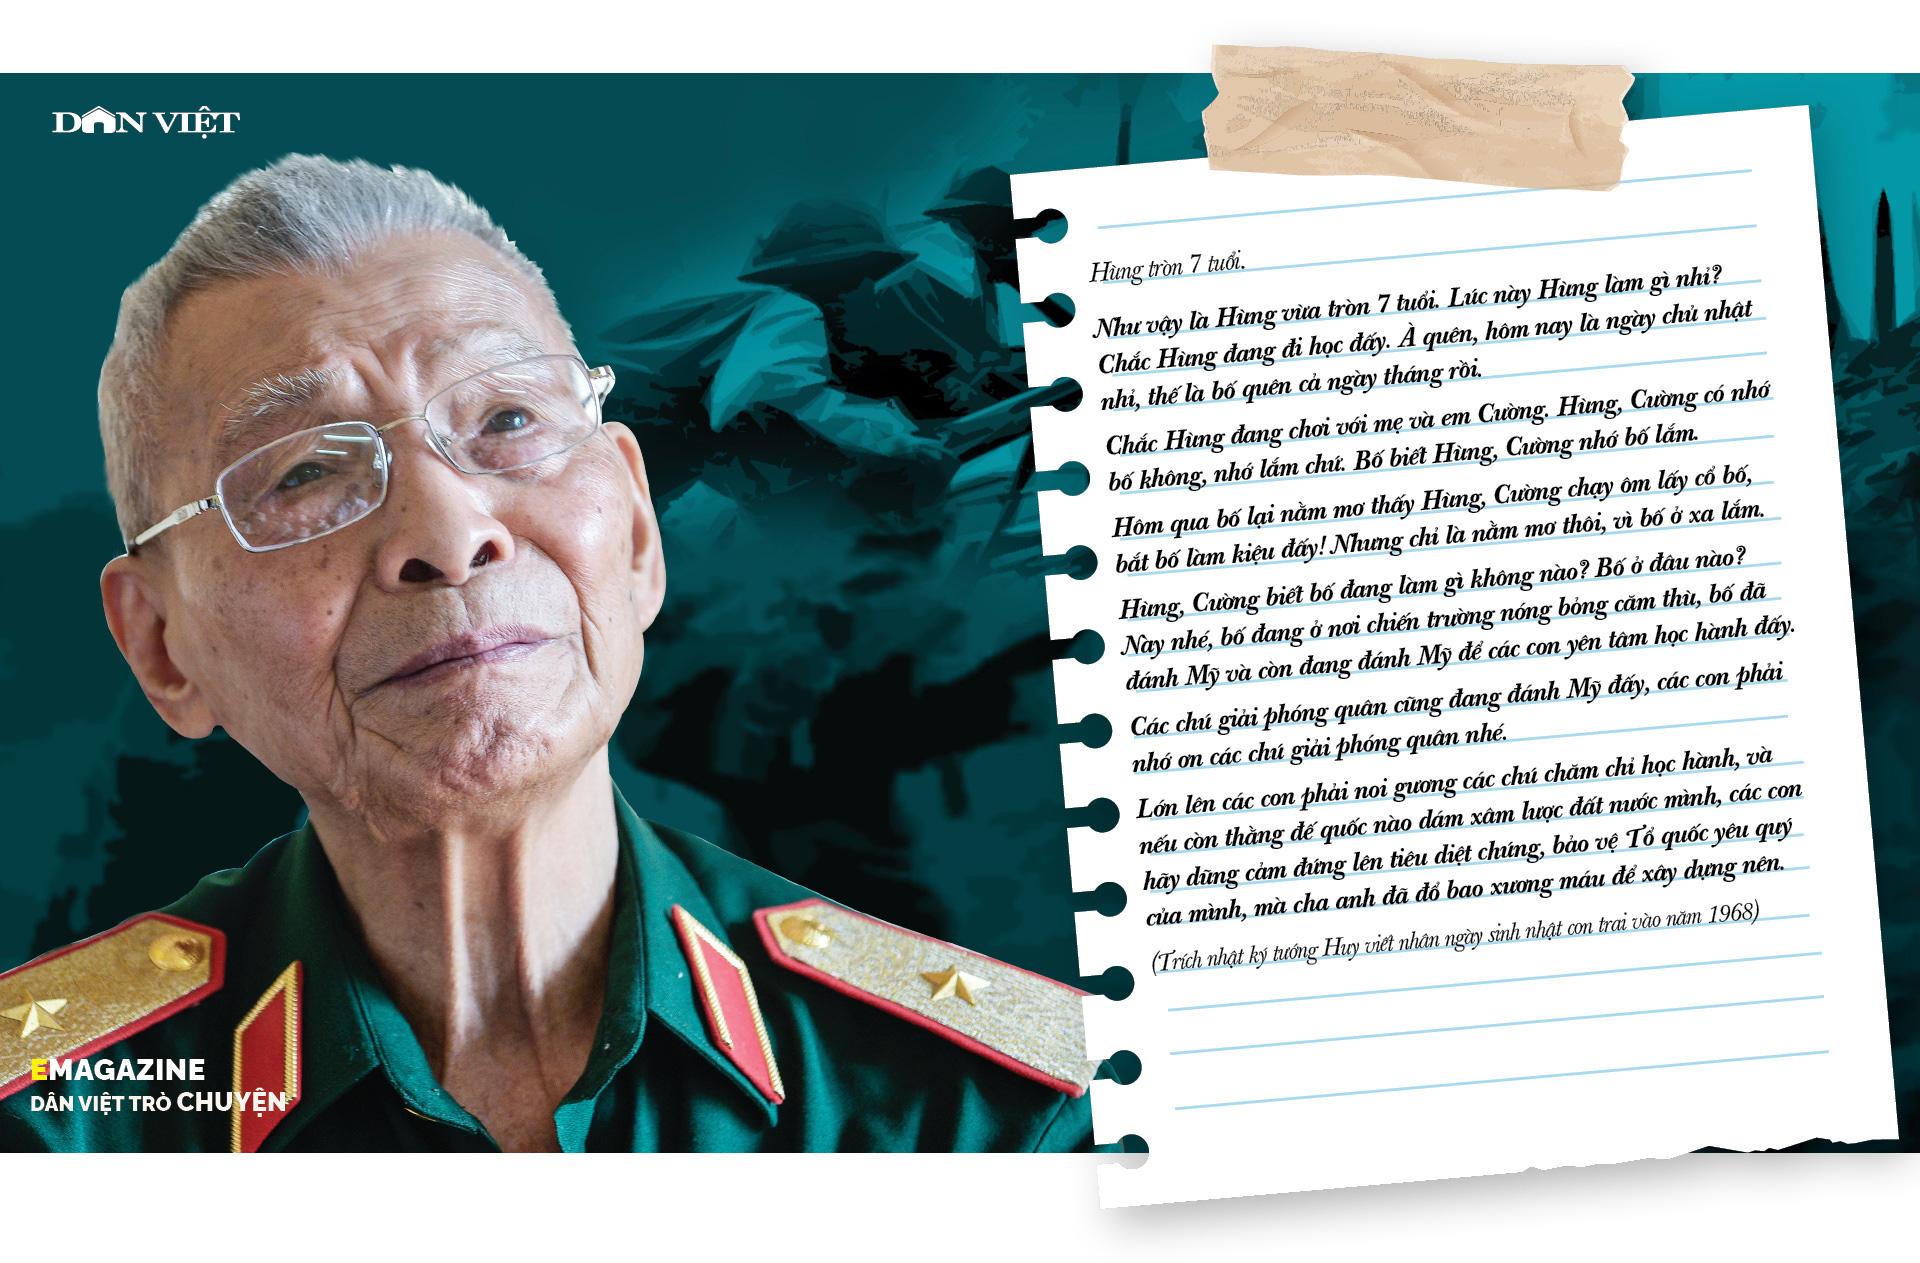 """Thiếu tướng Nguyễn Đức Huy: Vị tướng đi qua 3 cuộc chiến và nỗi sợ """"sự quyến rũ thầm lặng thời bình"""" - Ảnh 9."""